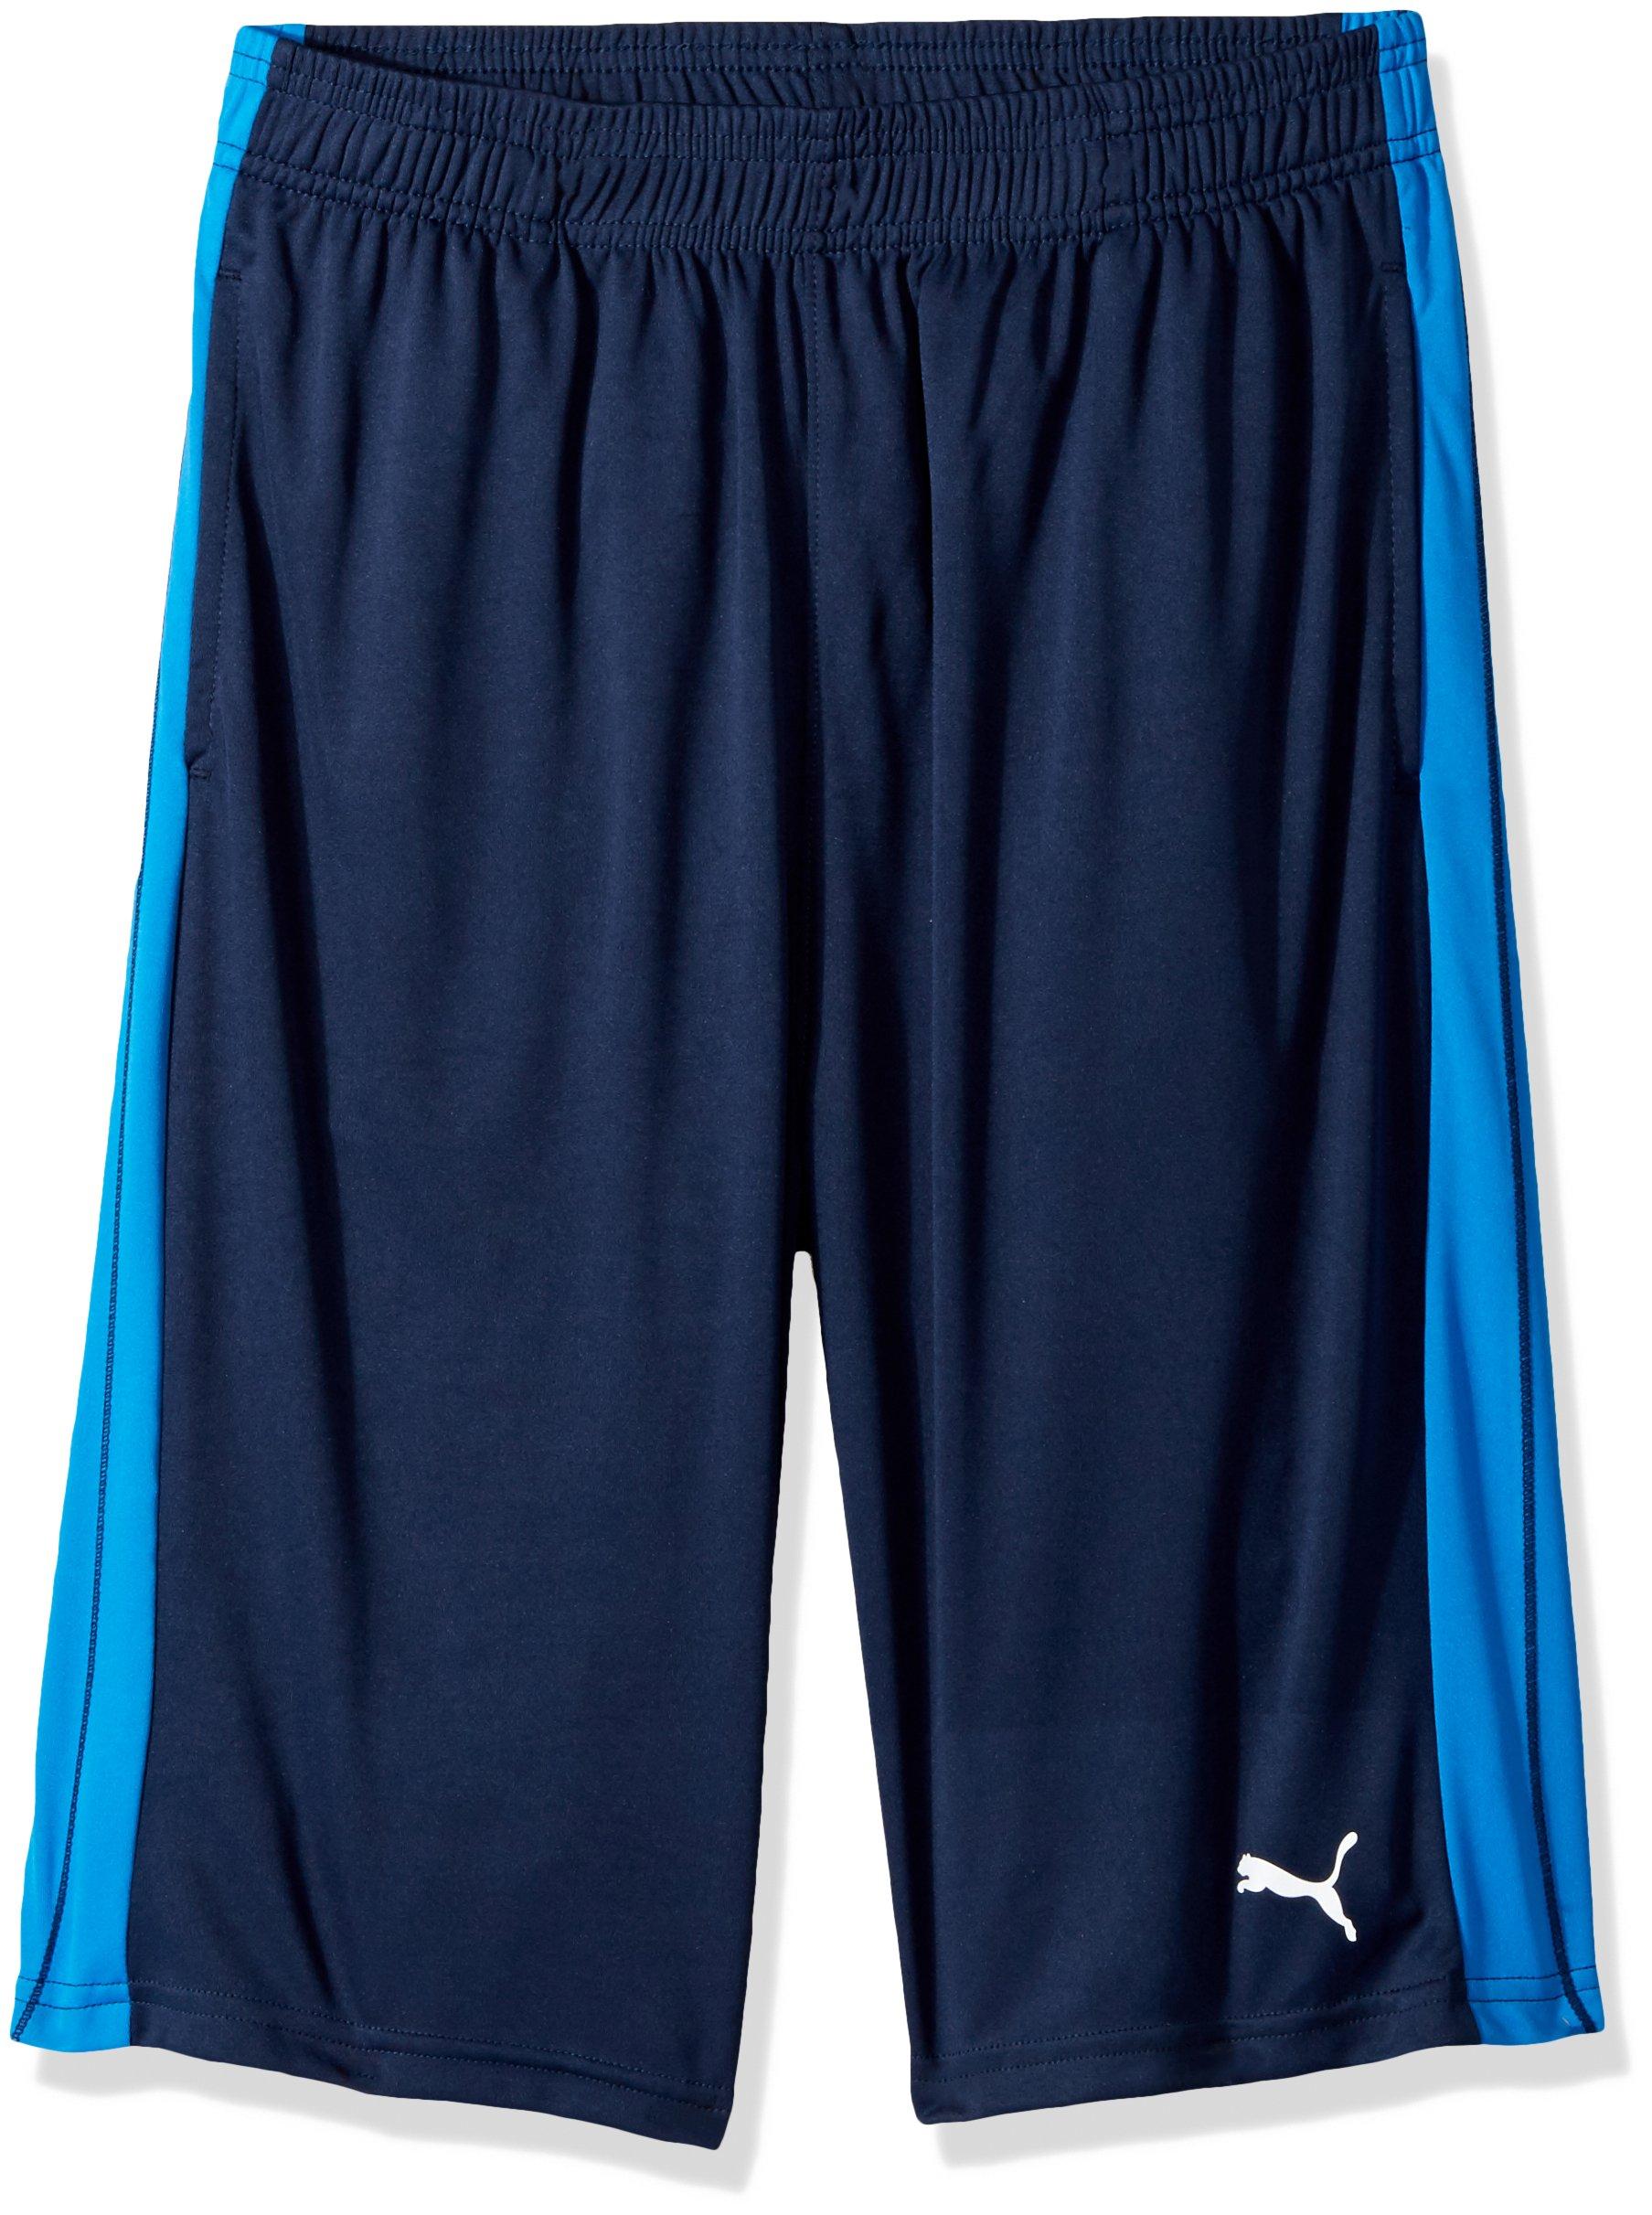 PUMA Big Boy's Puma Boys' Form Stripe Short Shorts, deep navy, Medium by PUMA